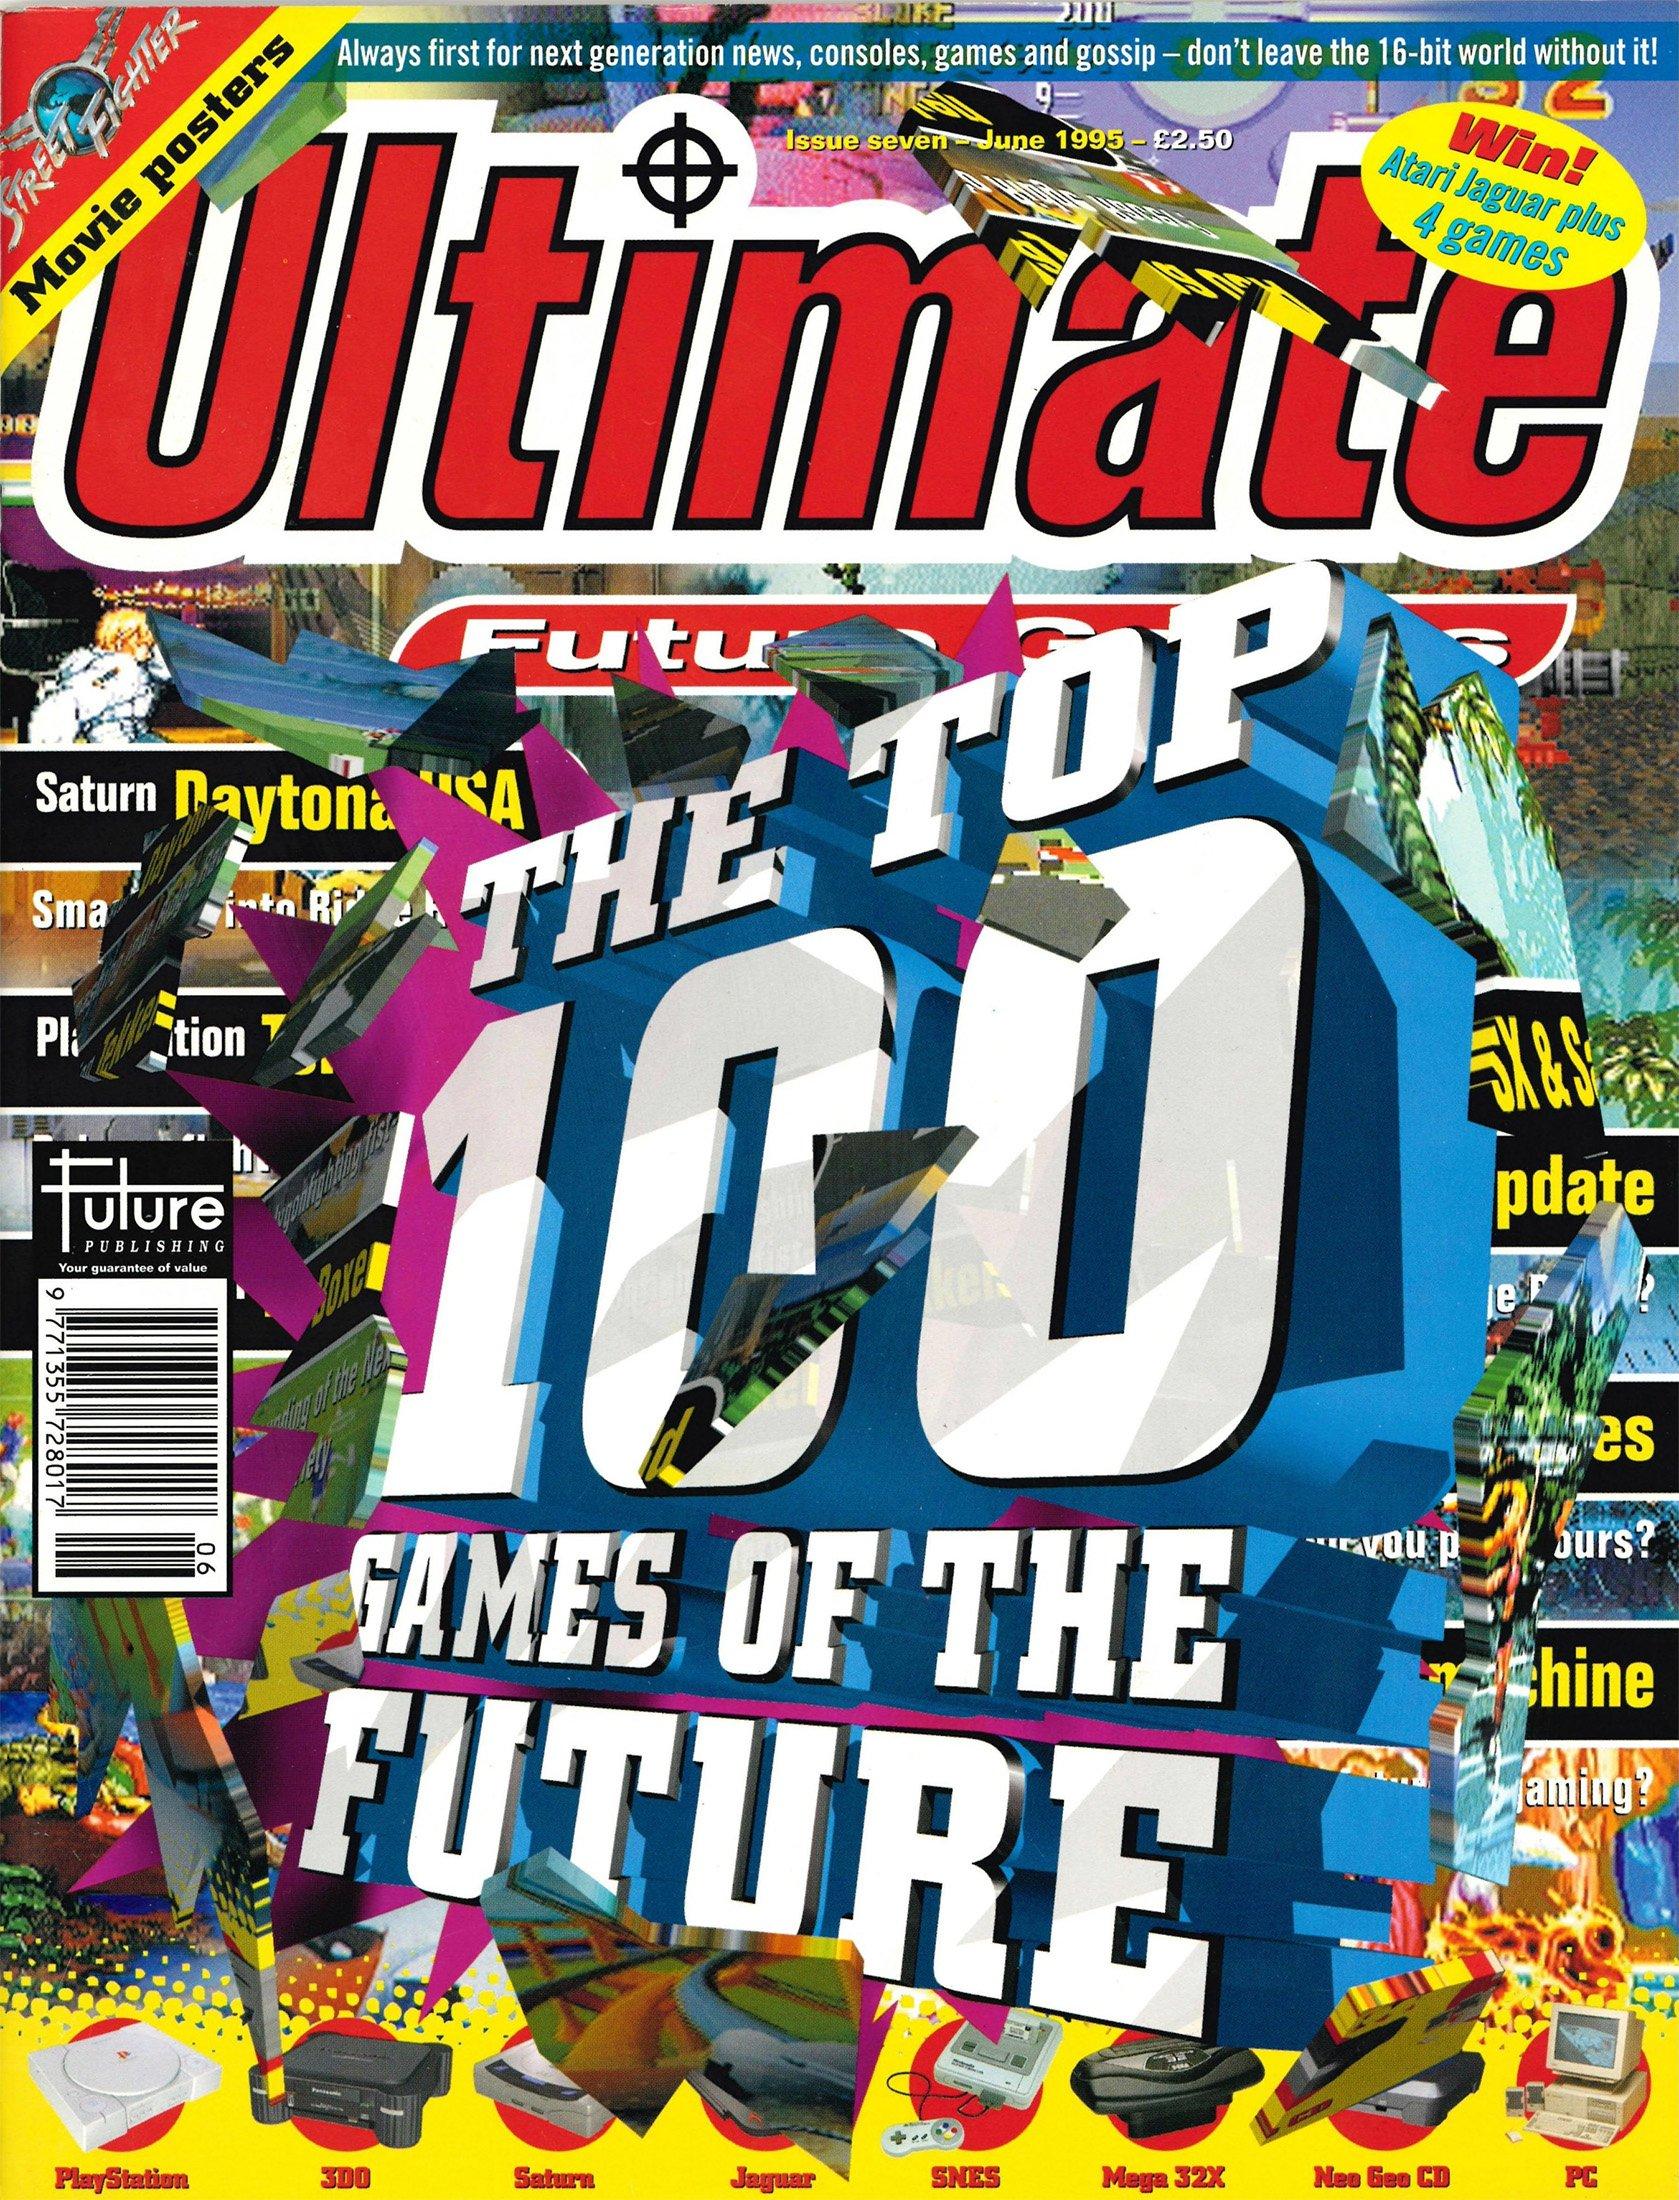 Ultimate Future Games 07 (June 1995)